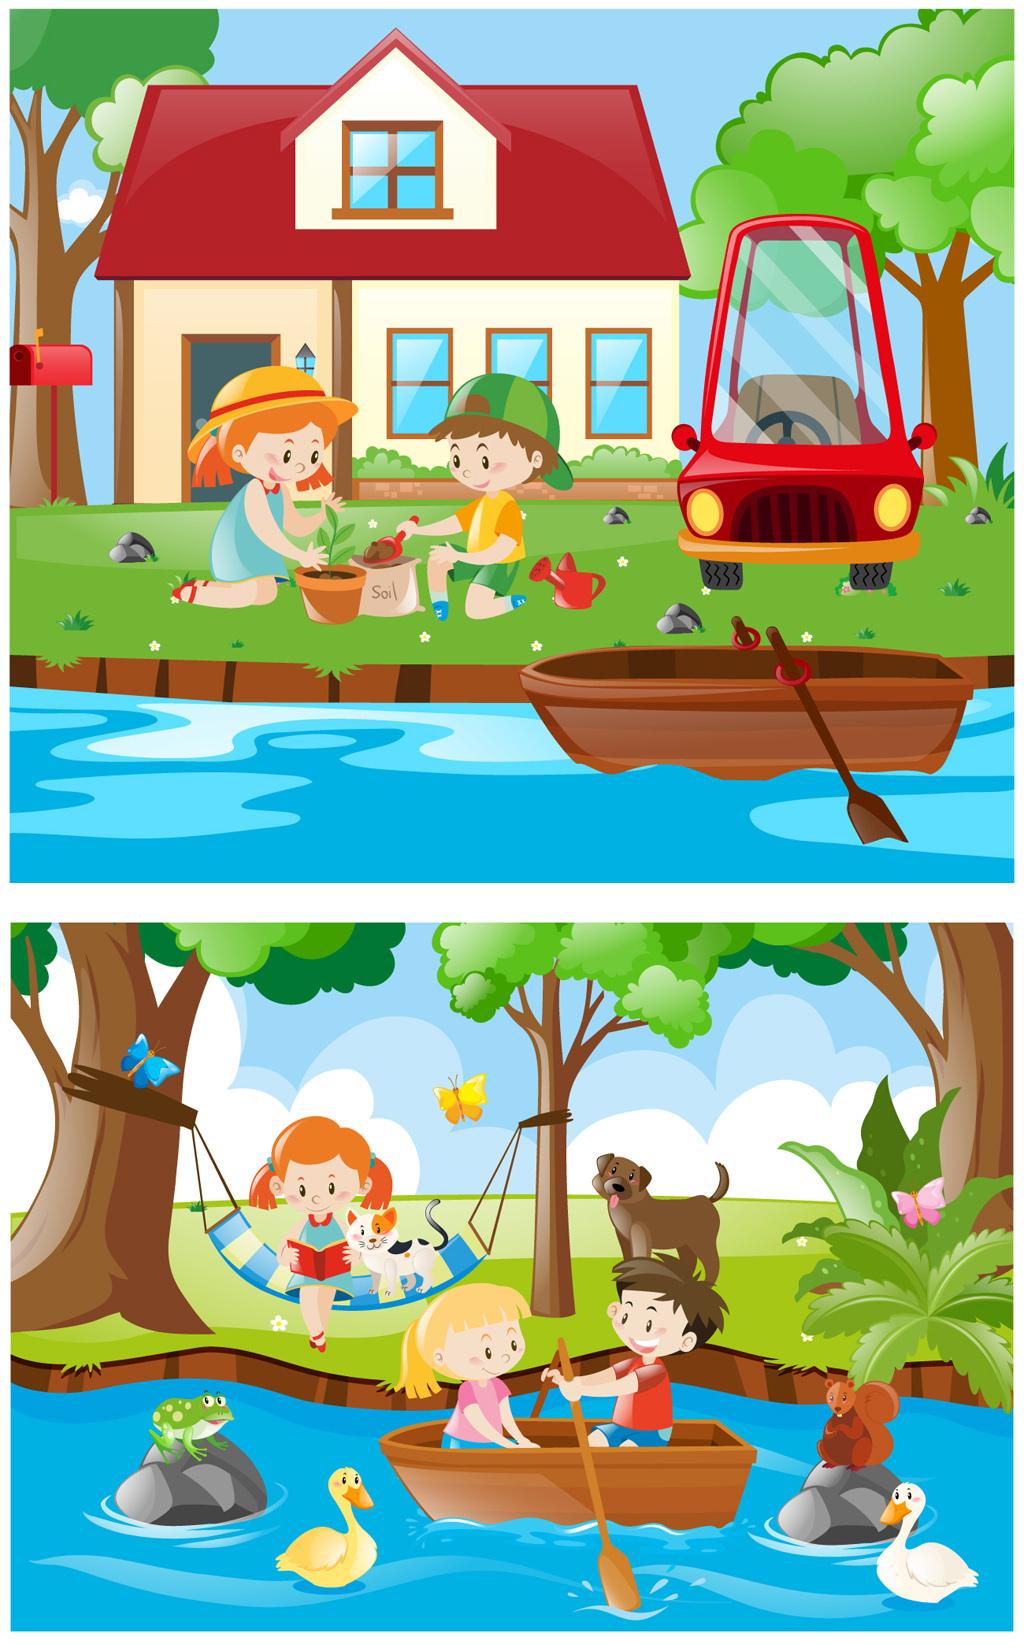 时尚可爱卡通小朋友劳动卡通划船素材图片设计 高清其他模板下载 4.